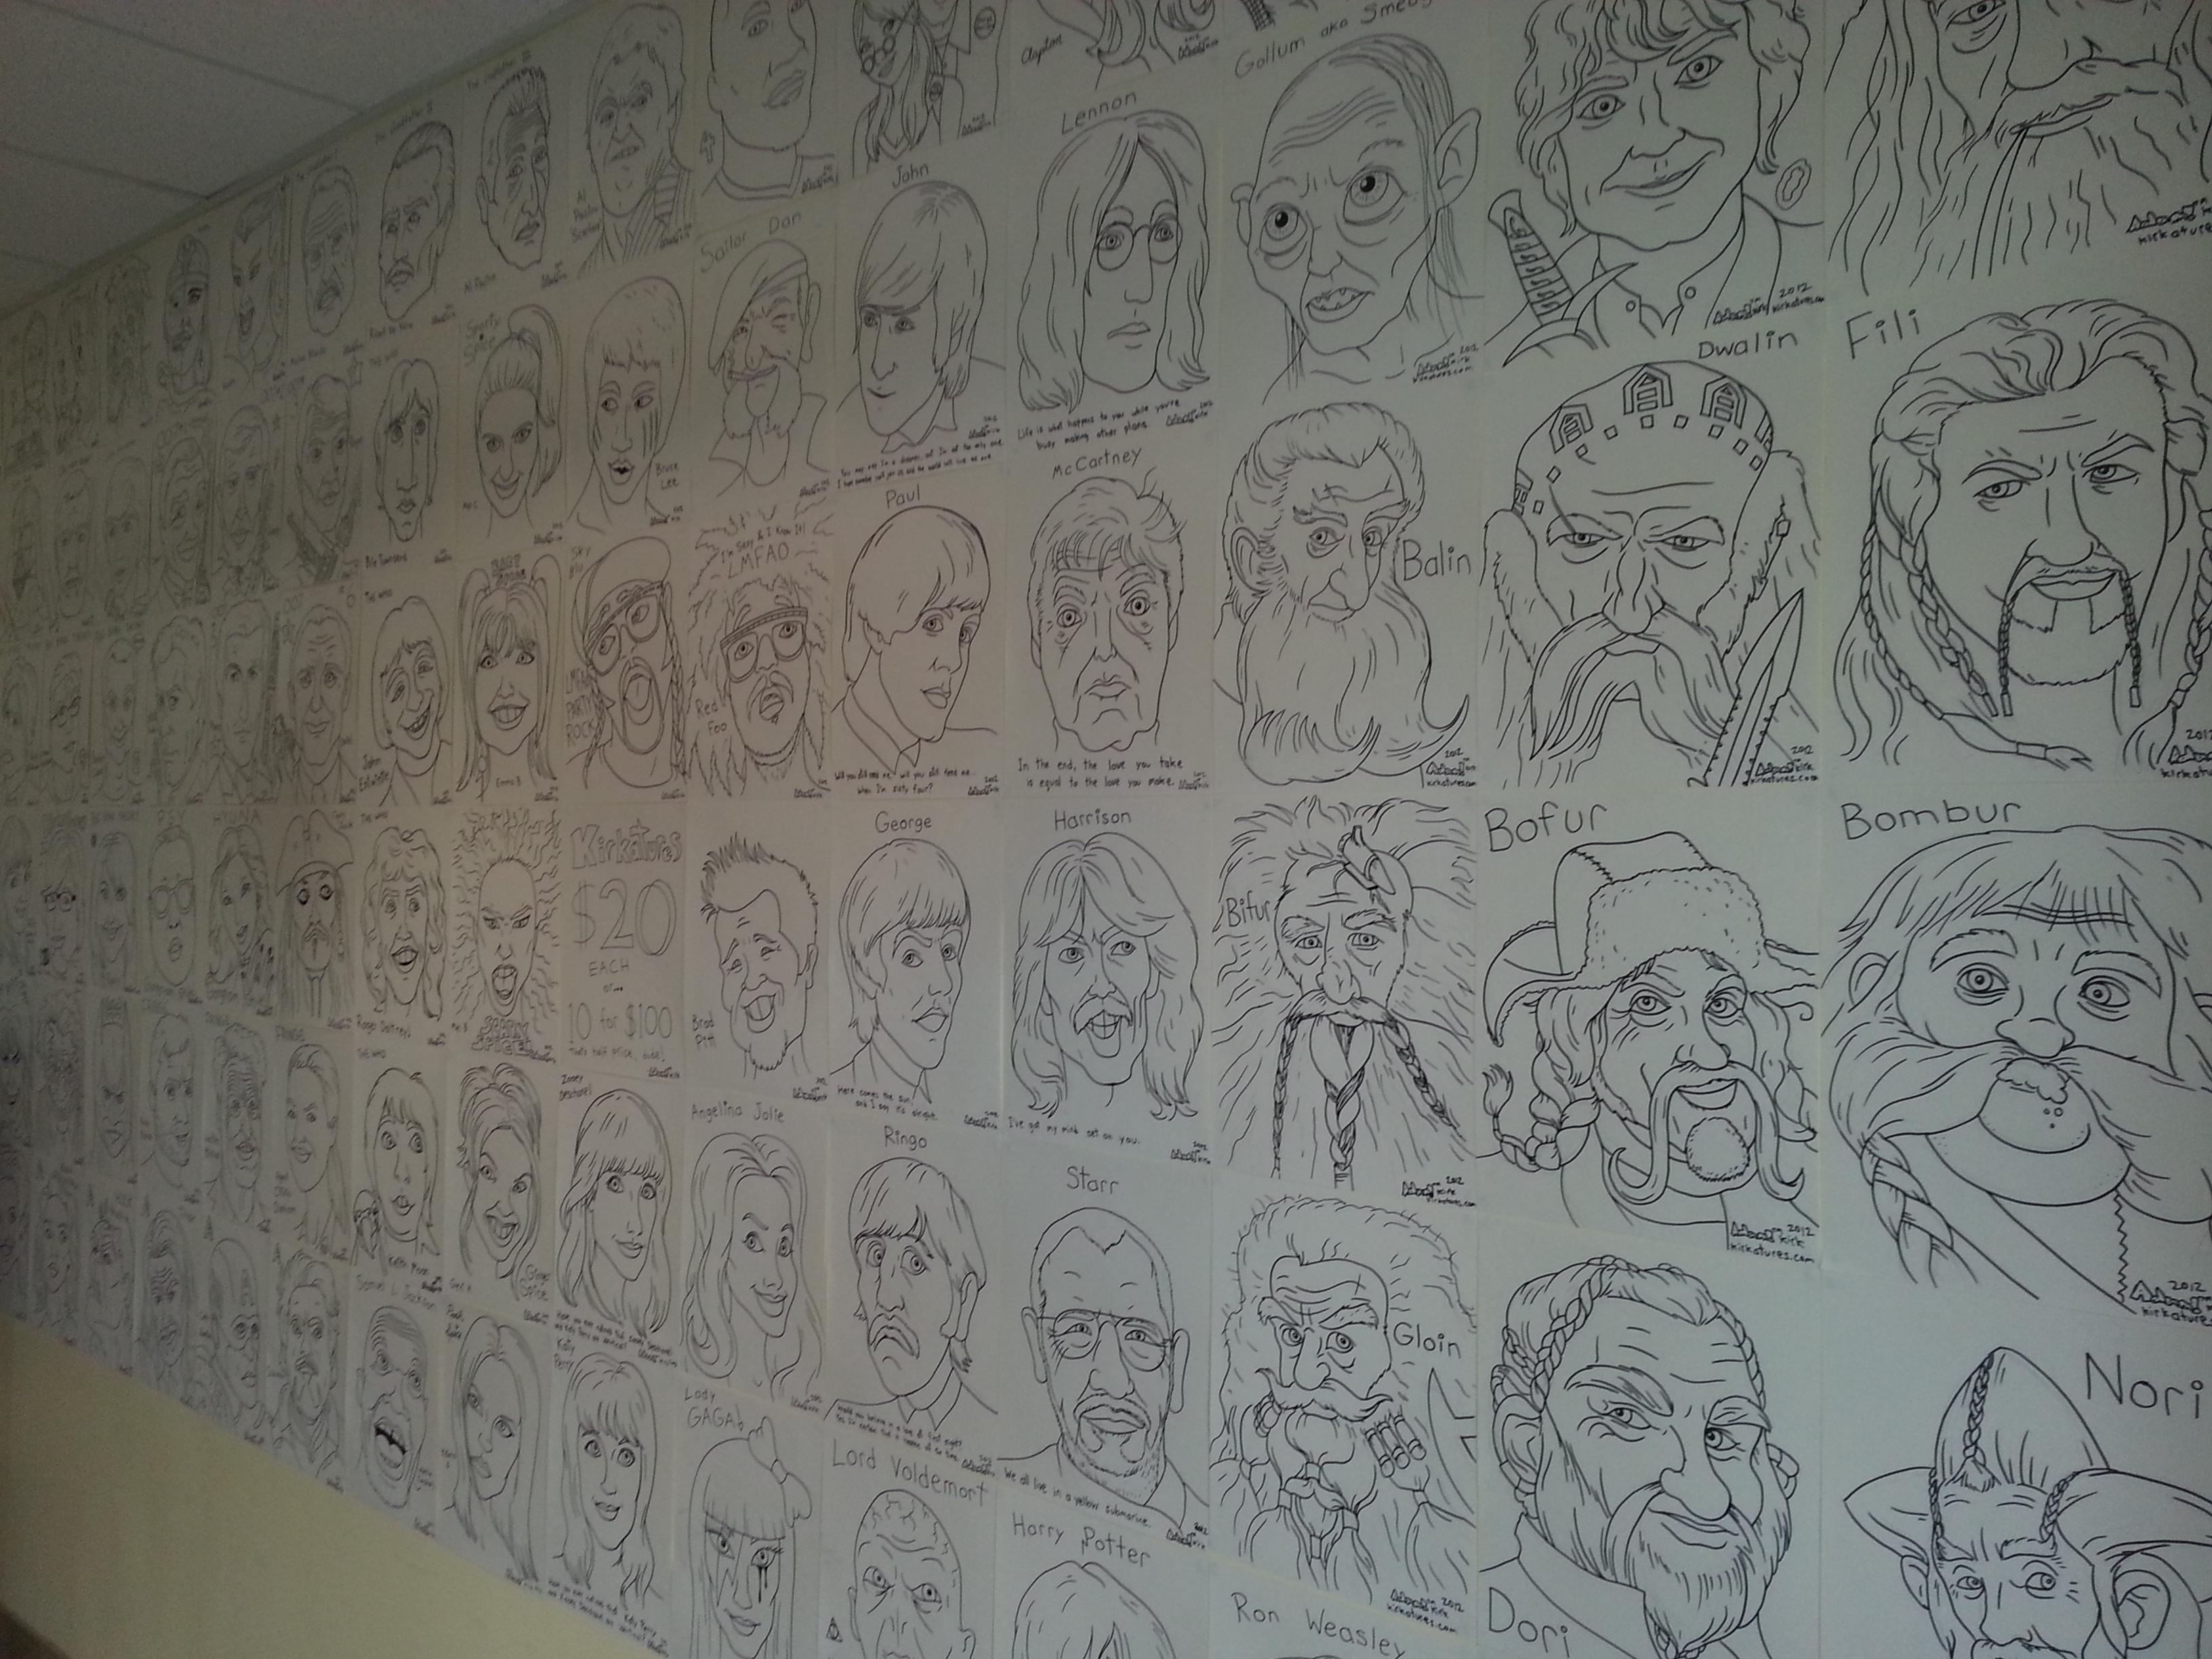 Adam Kirk caricatures caricature art